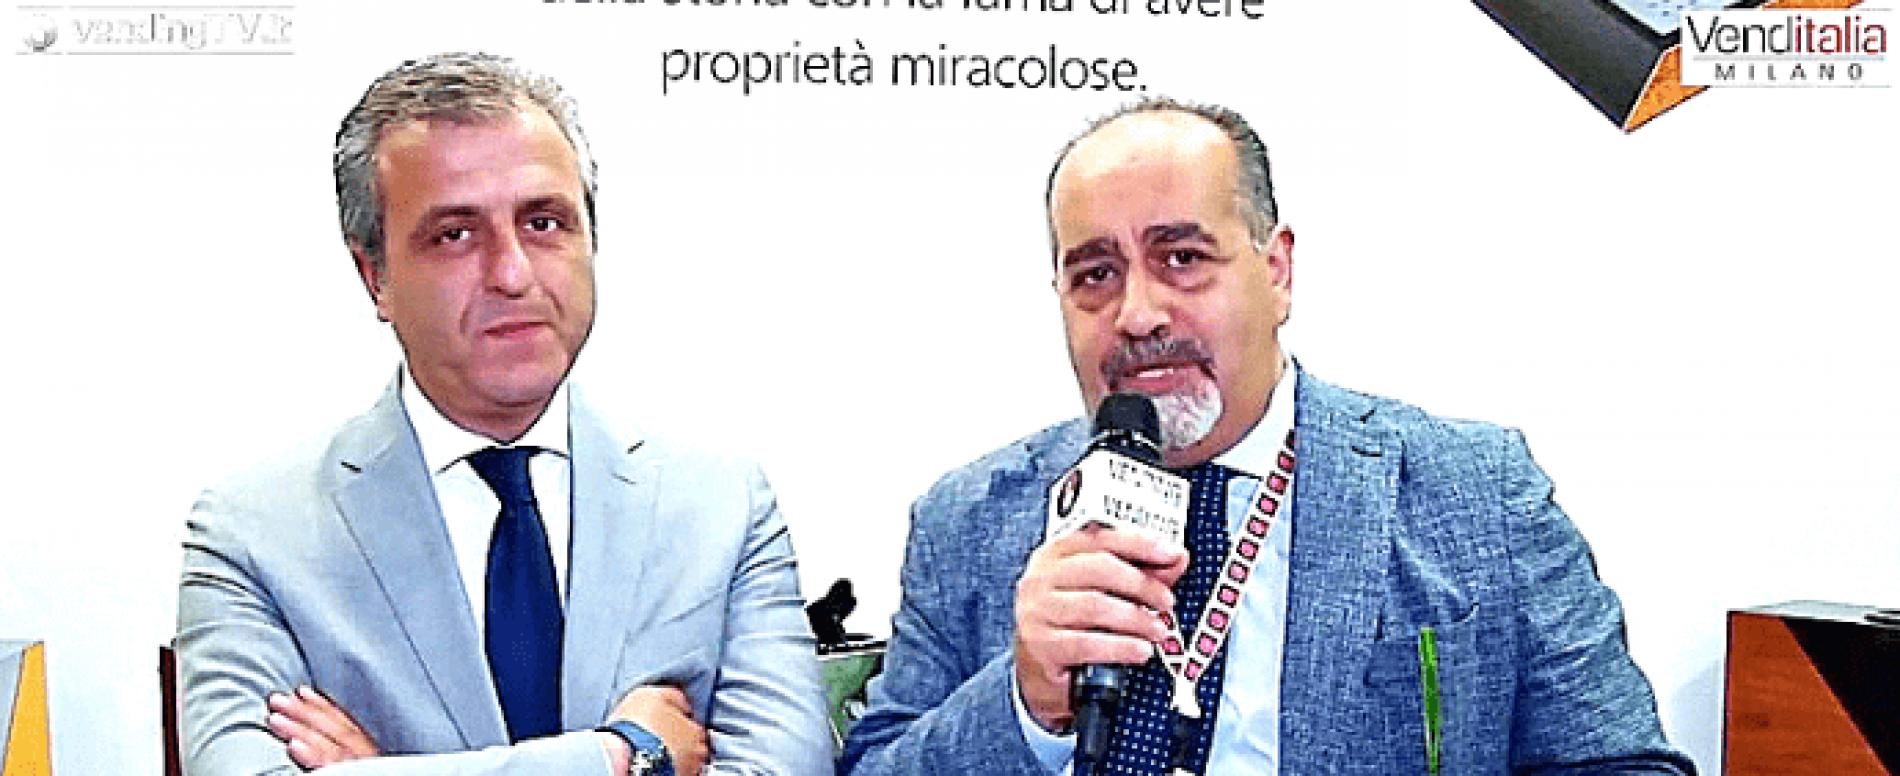 Venditalia 2018. Intervista con Michele De Lucia di @spresso